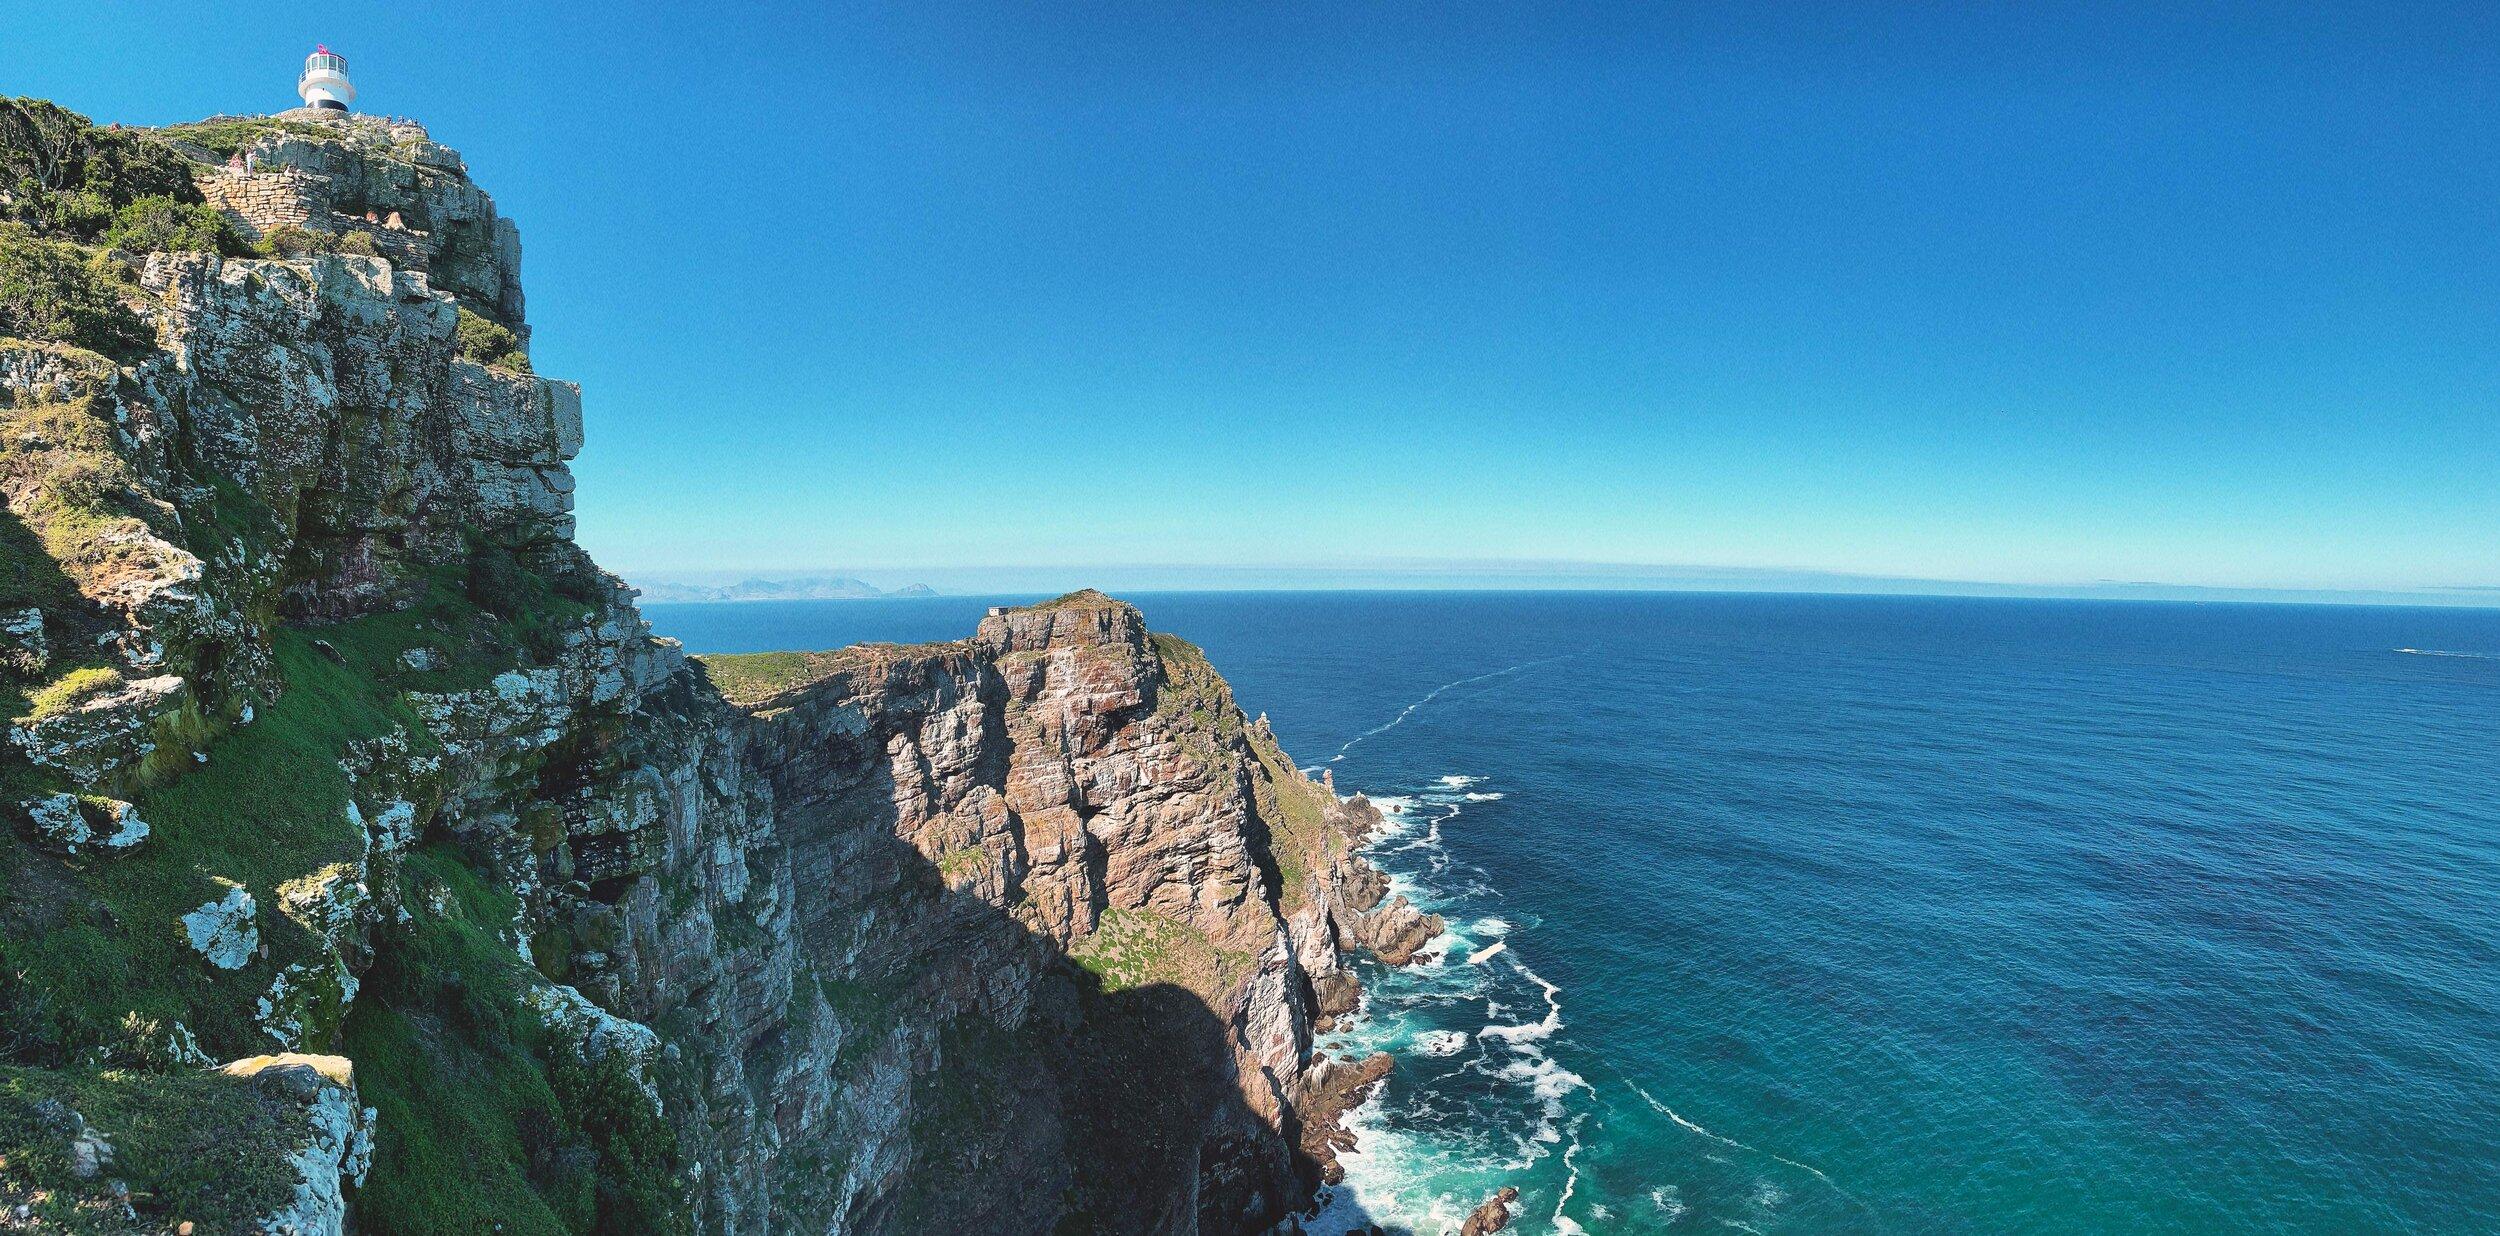 91_Giepert_South_Africa.jpg